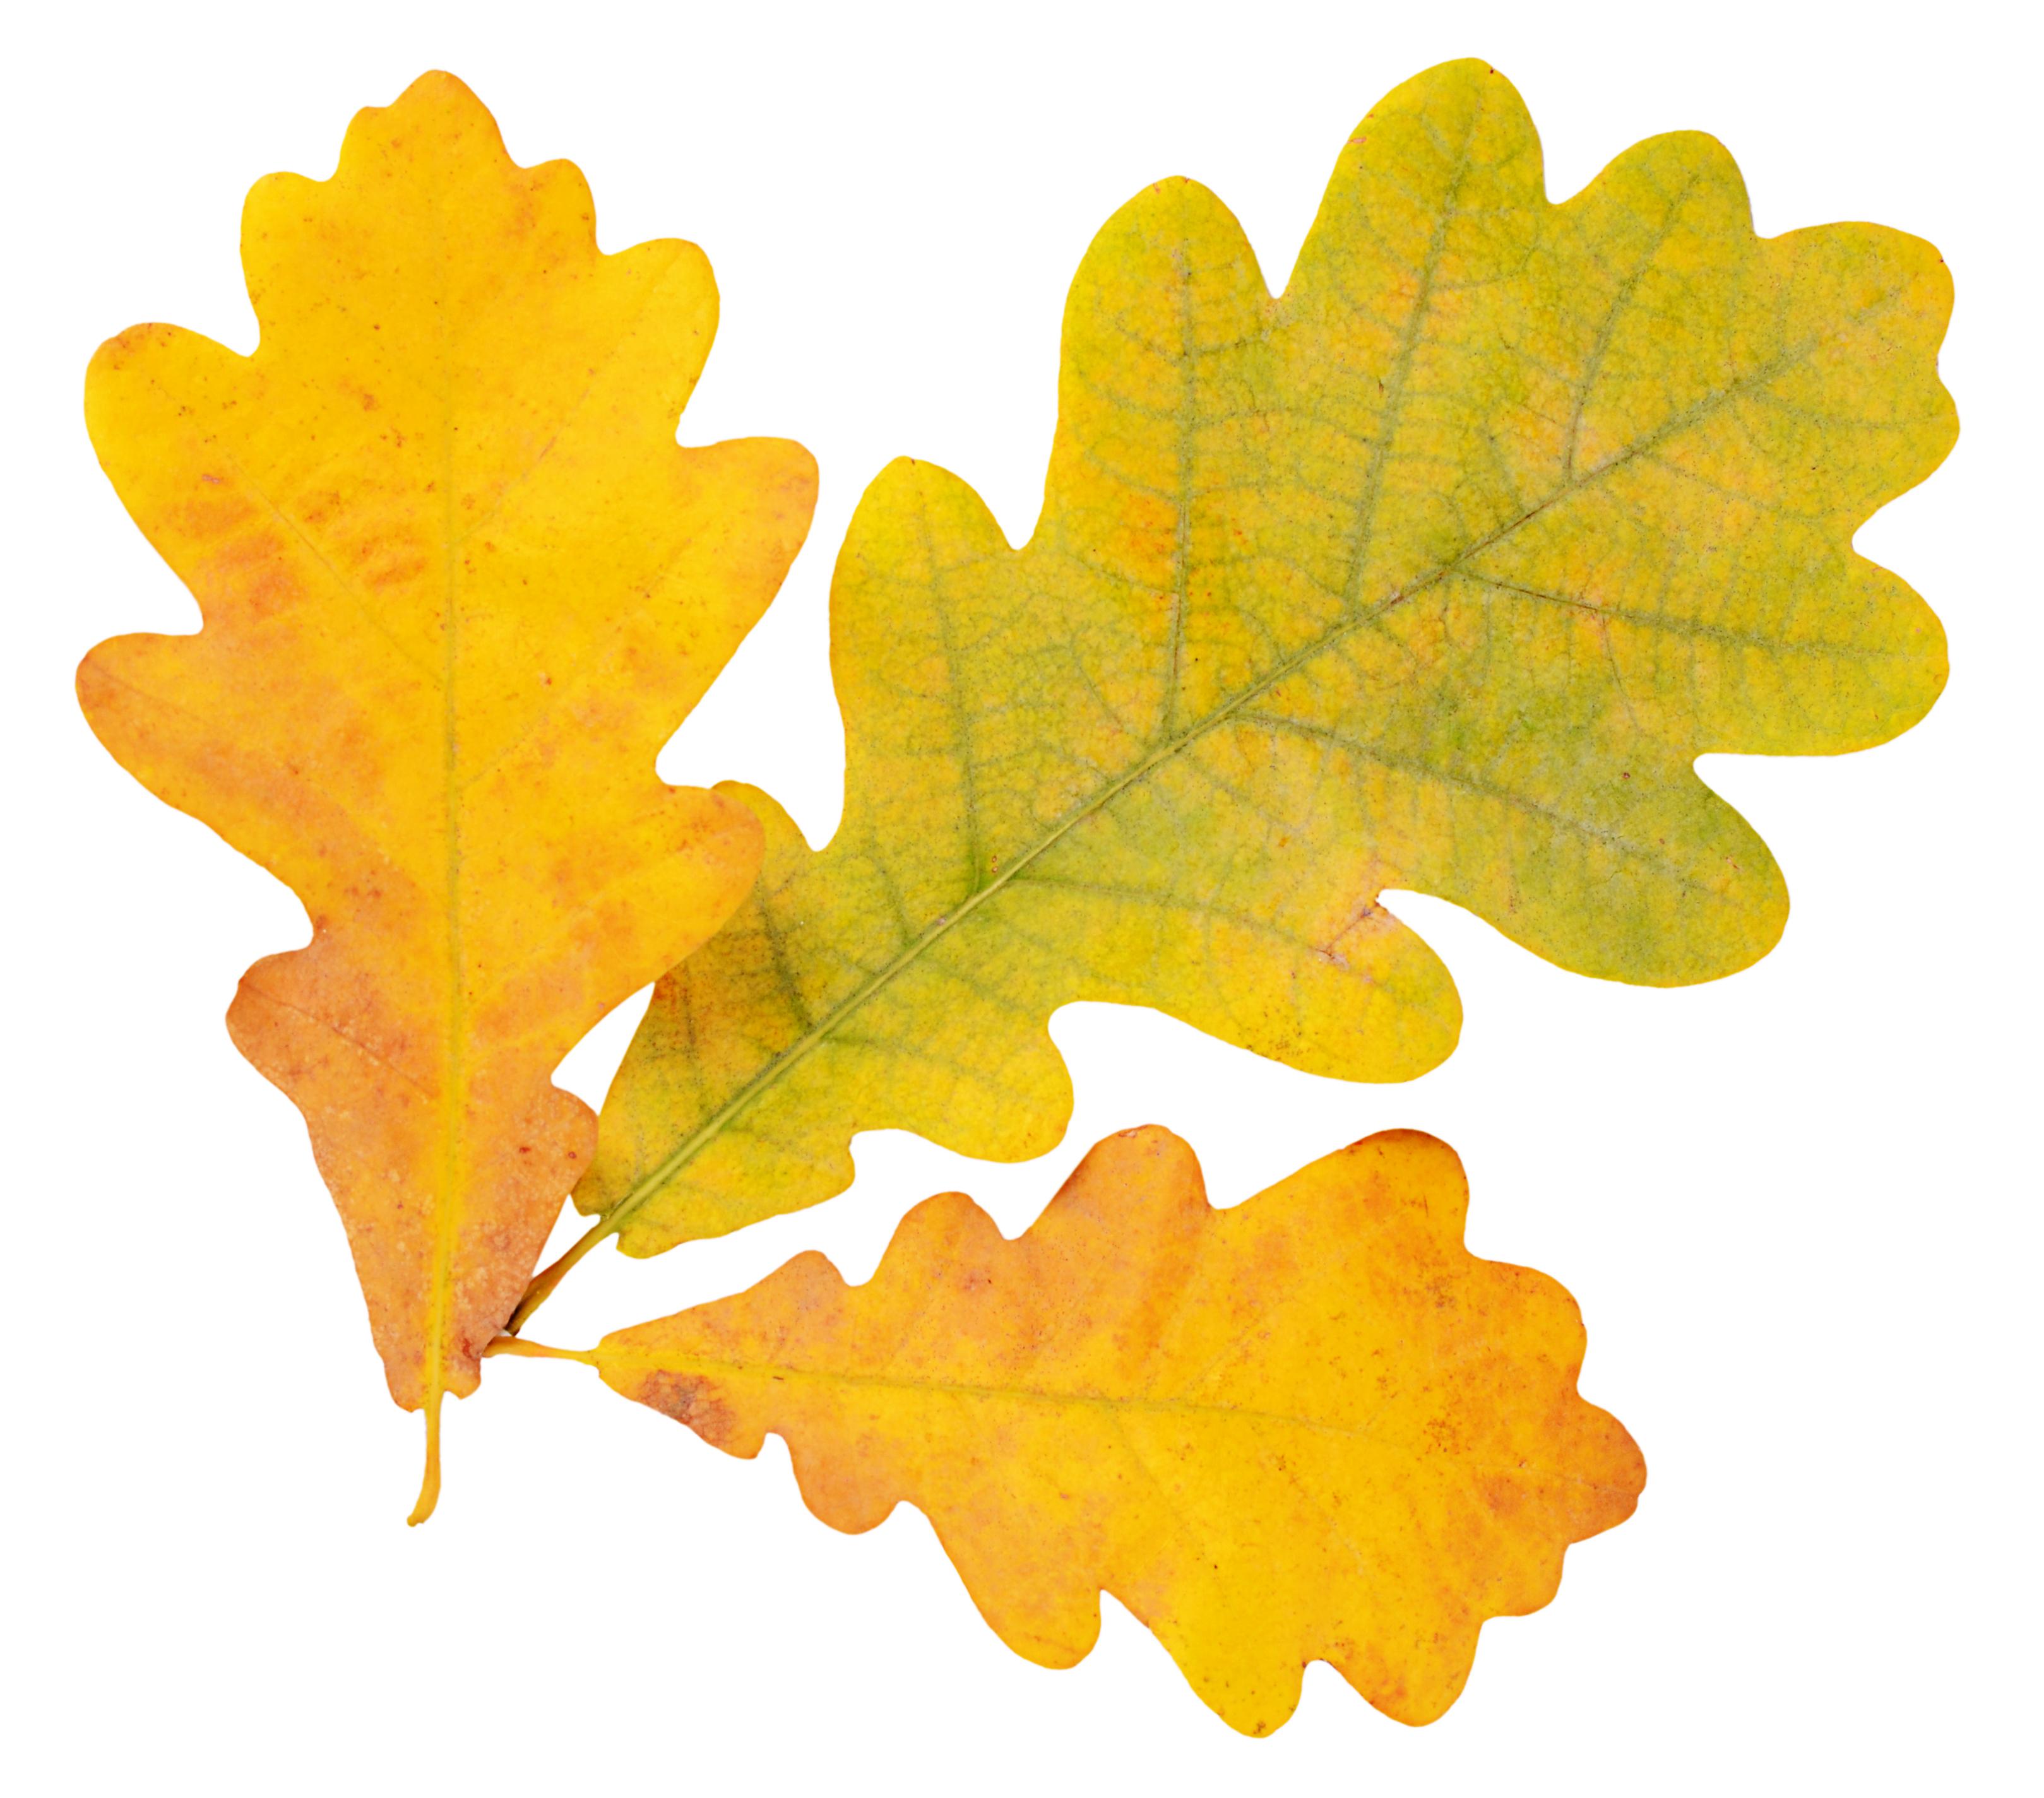 Autumn Oak Leaves Isolated On White - Baa Baa BrooklynBaa Baa Brooklyn